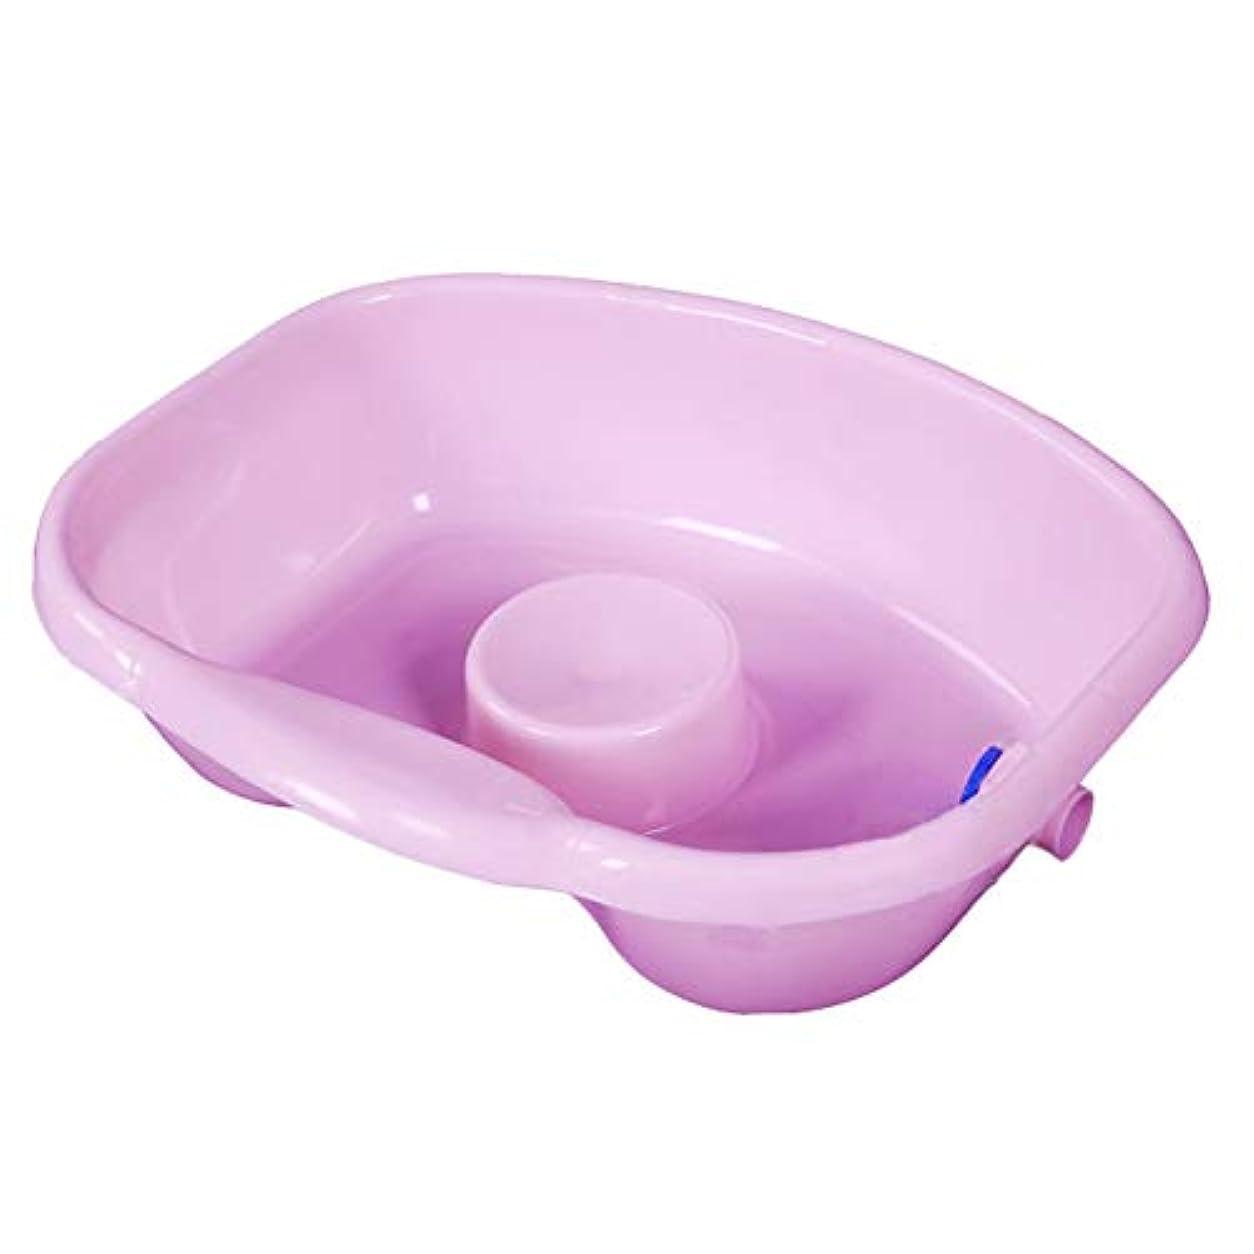 同志同一のポーズ寝たきりの患者、障害者高齢妊娠のためのベッドでポータブルウォッシュ髪のボウルする排水管とシャンプー盆地(ピンク)